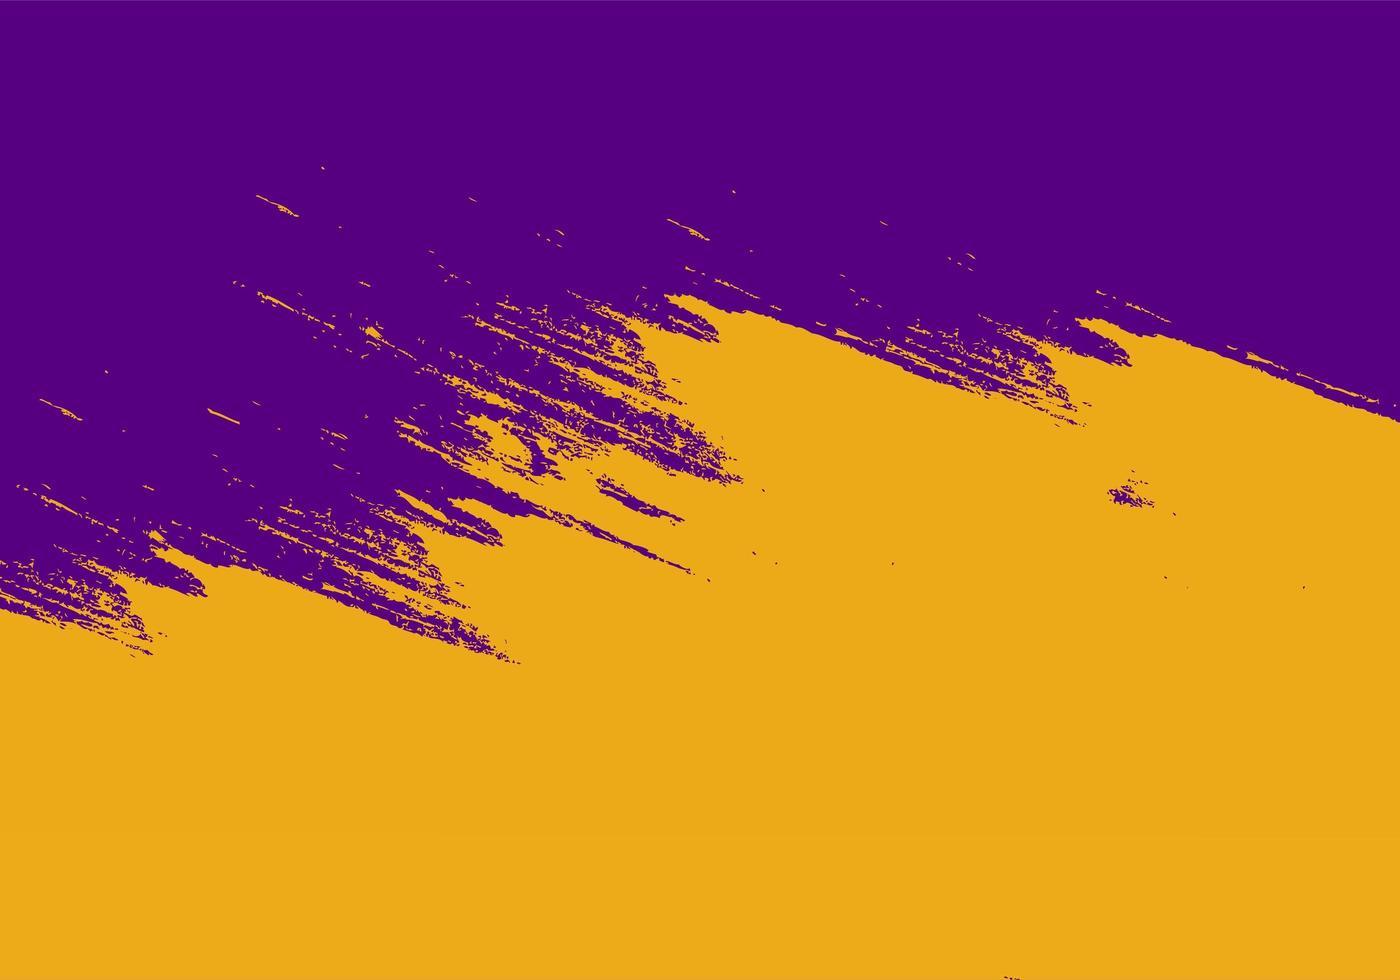 abstrakte lila und orange Grunge Strich Textur vektor